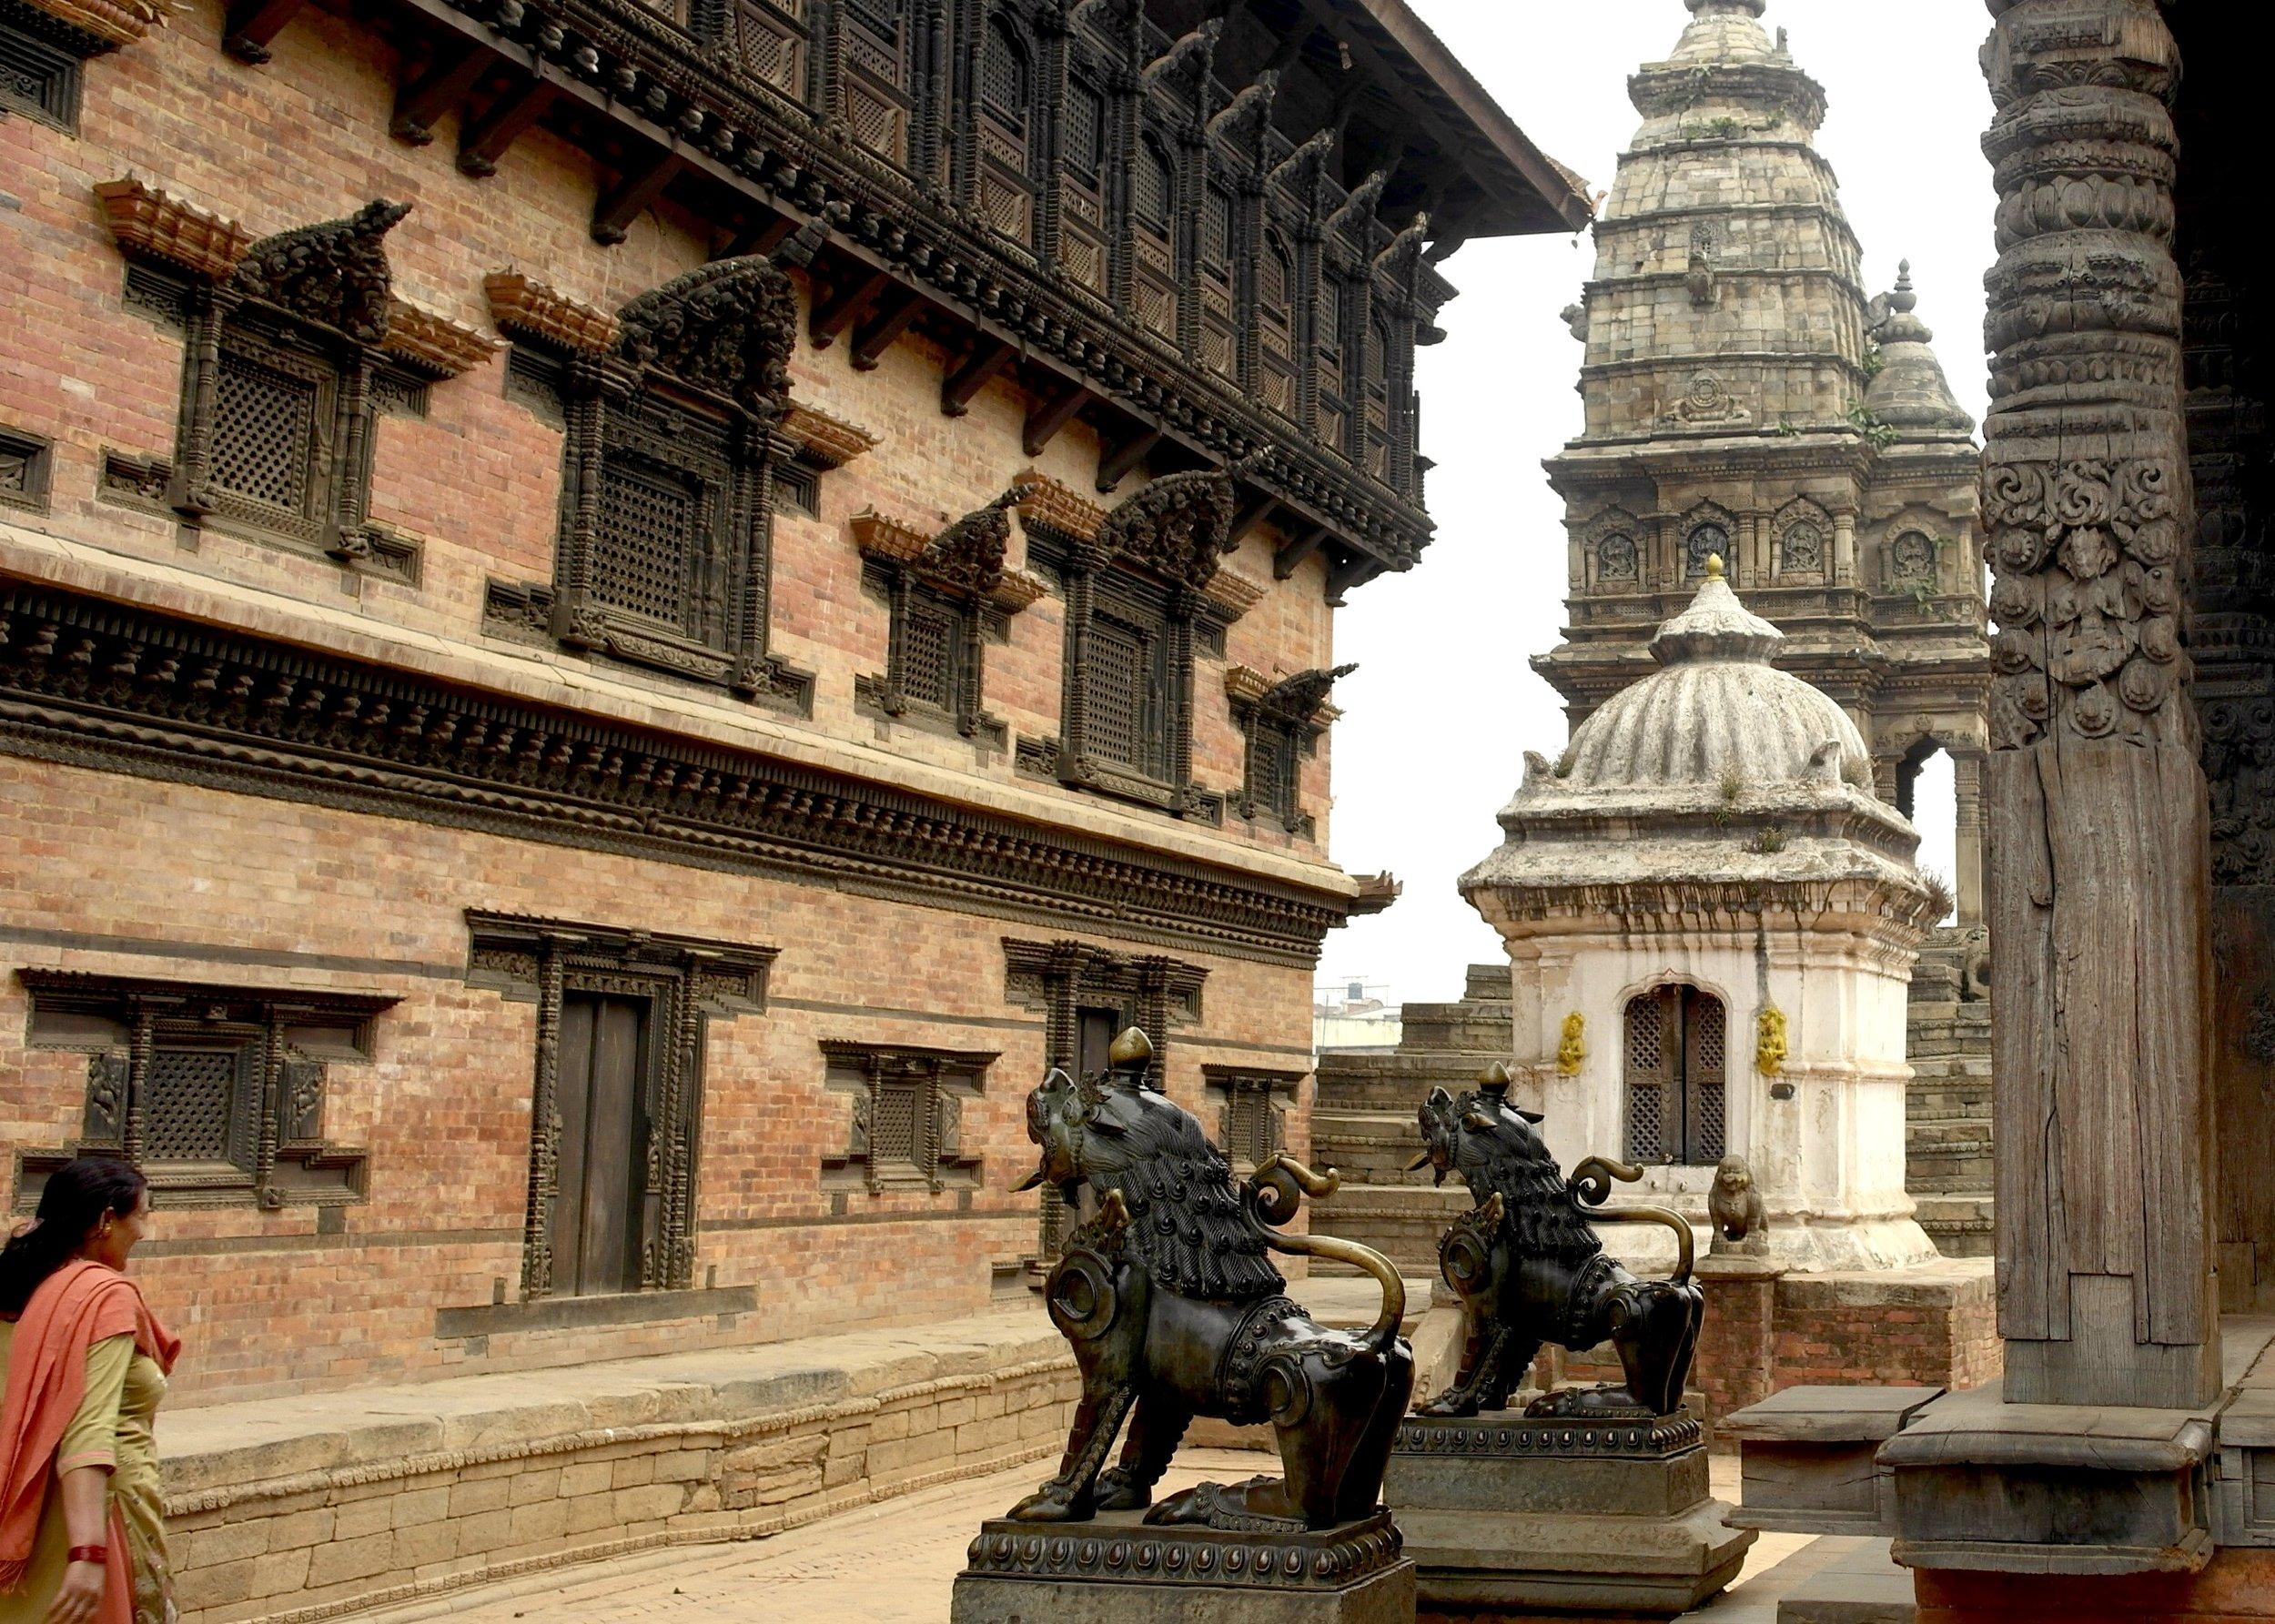 Bhakatpur